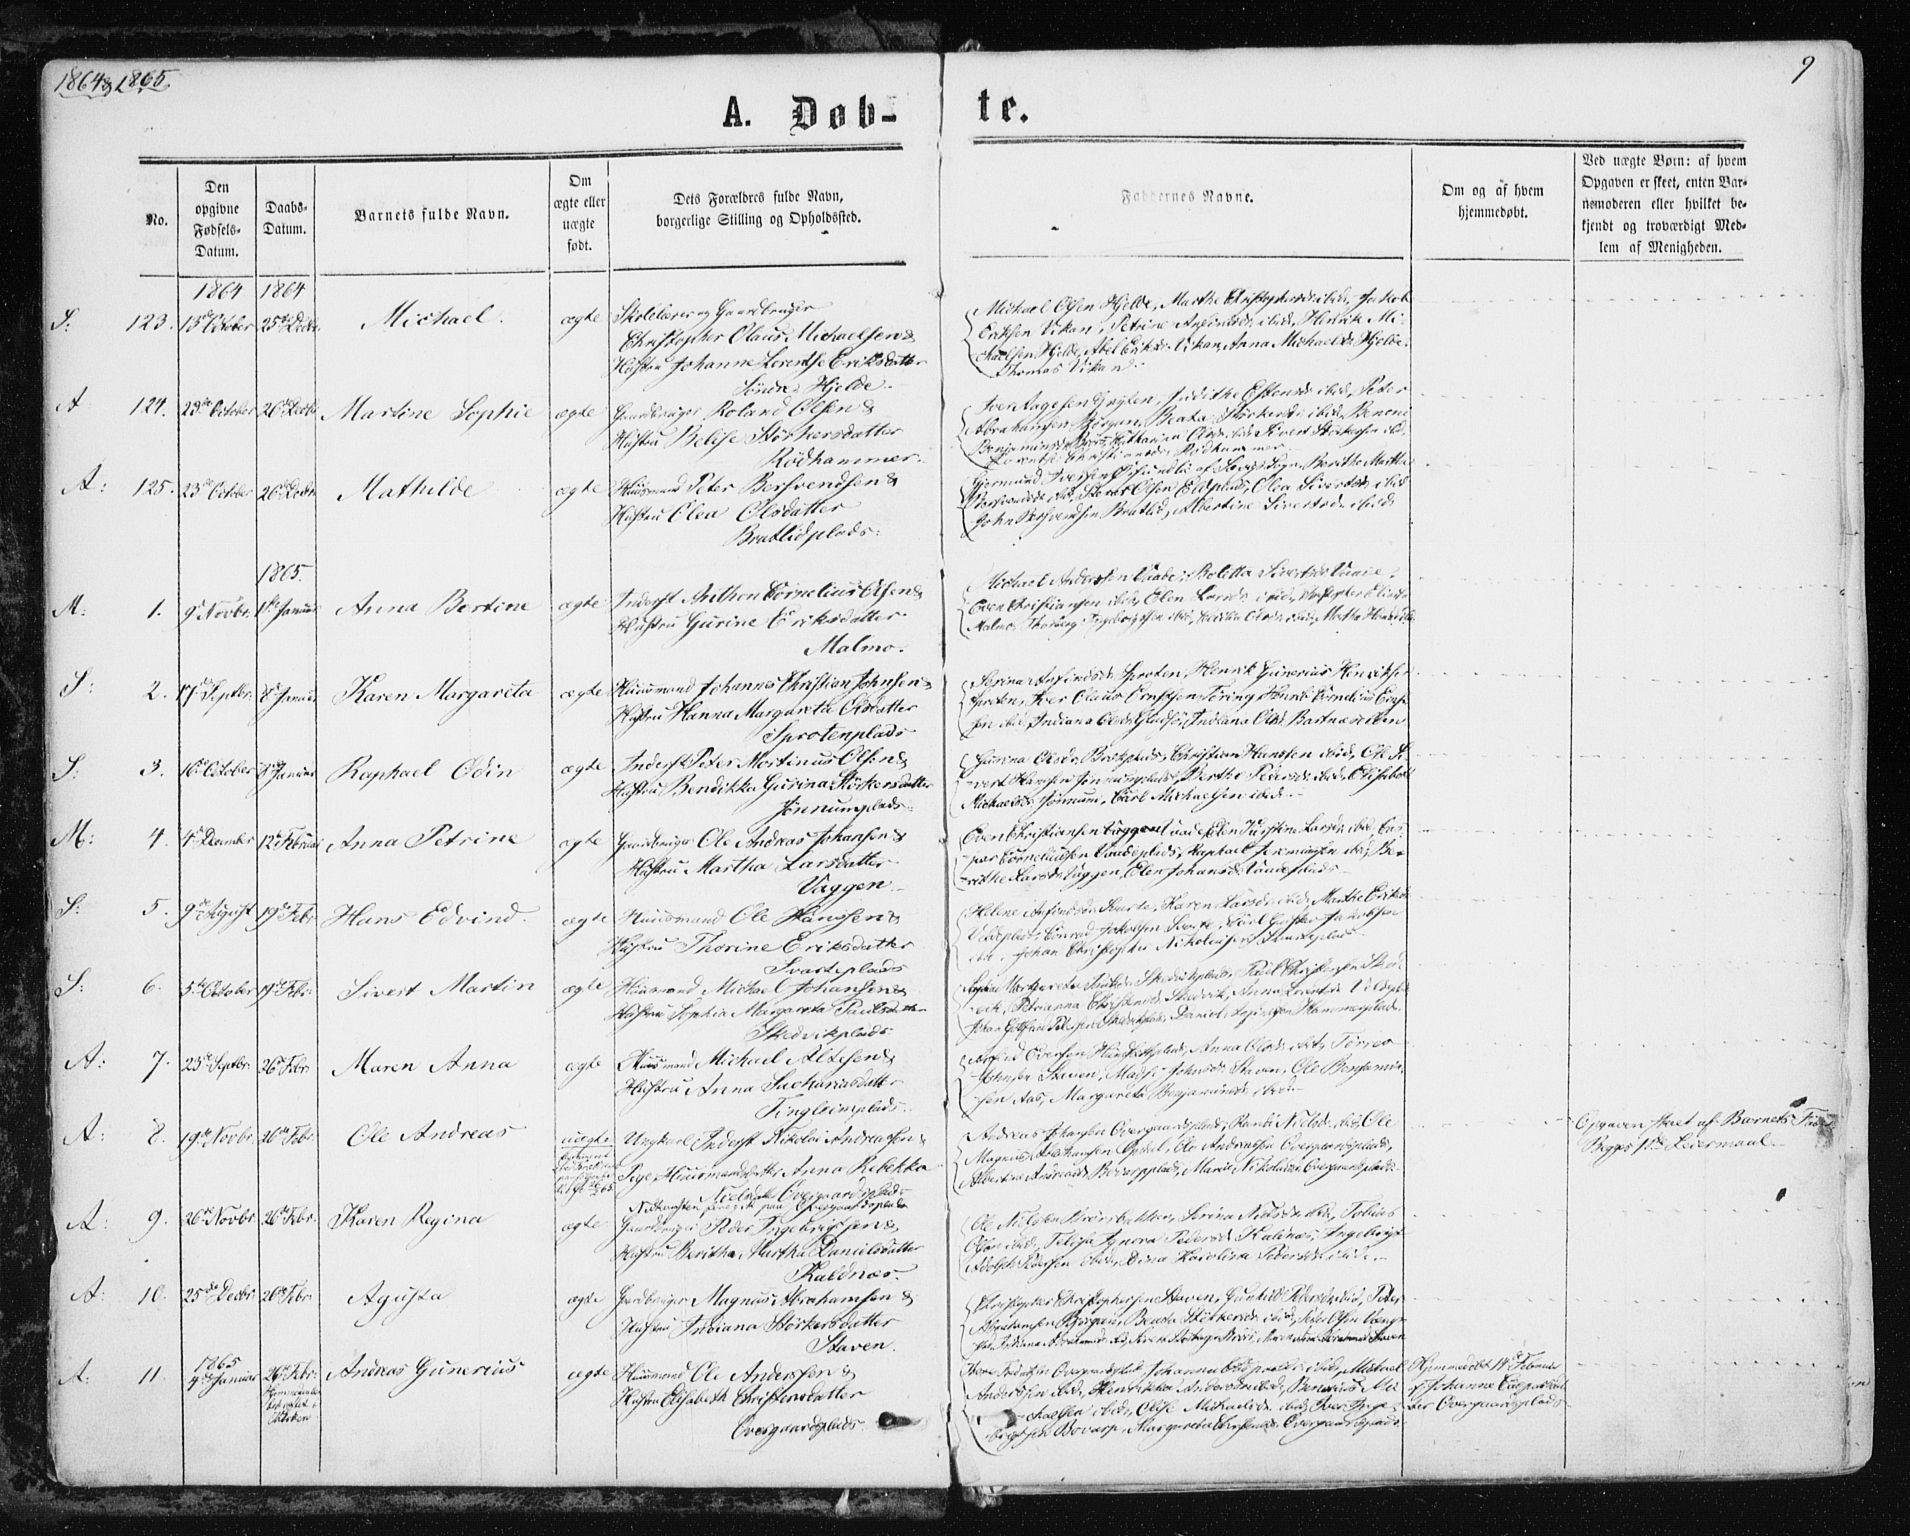 SAT, Ministerialprotokoller, klokkerbøker og fødselsregistre - Nord-Trøndelag, 741/L0394: Ministerialbok nr. 741A08, 1864-1877, s. 9